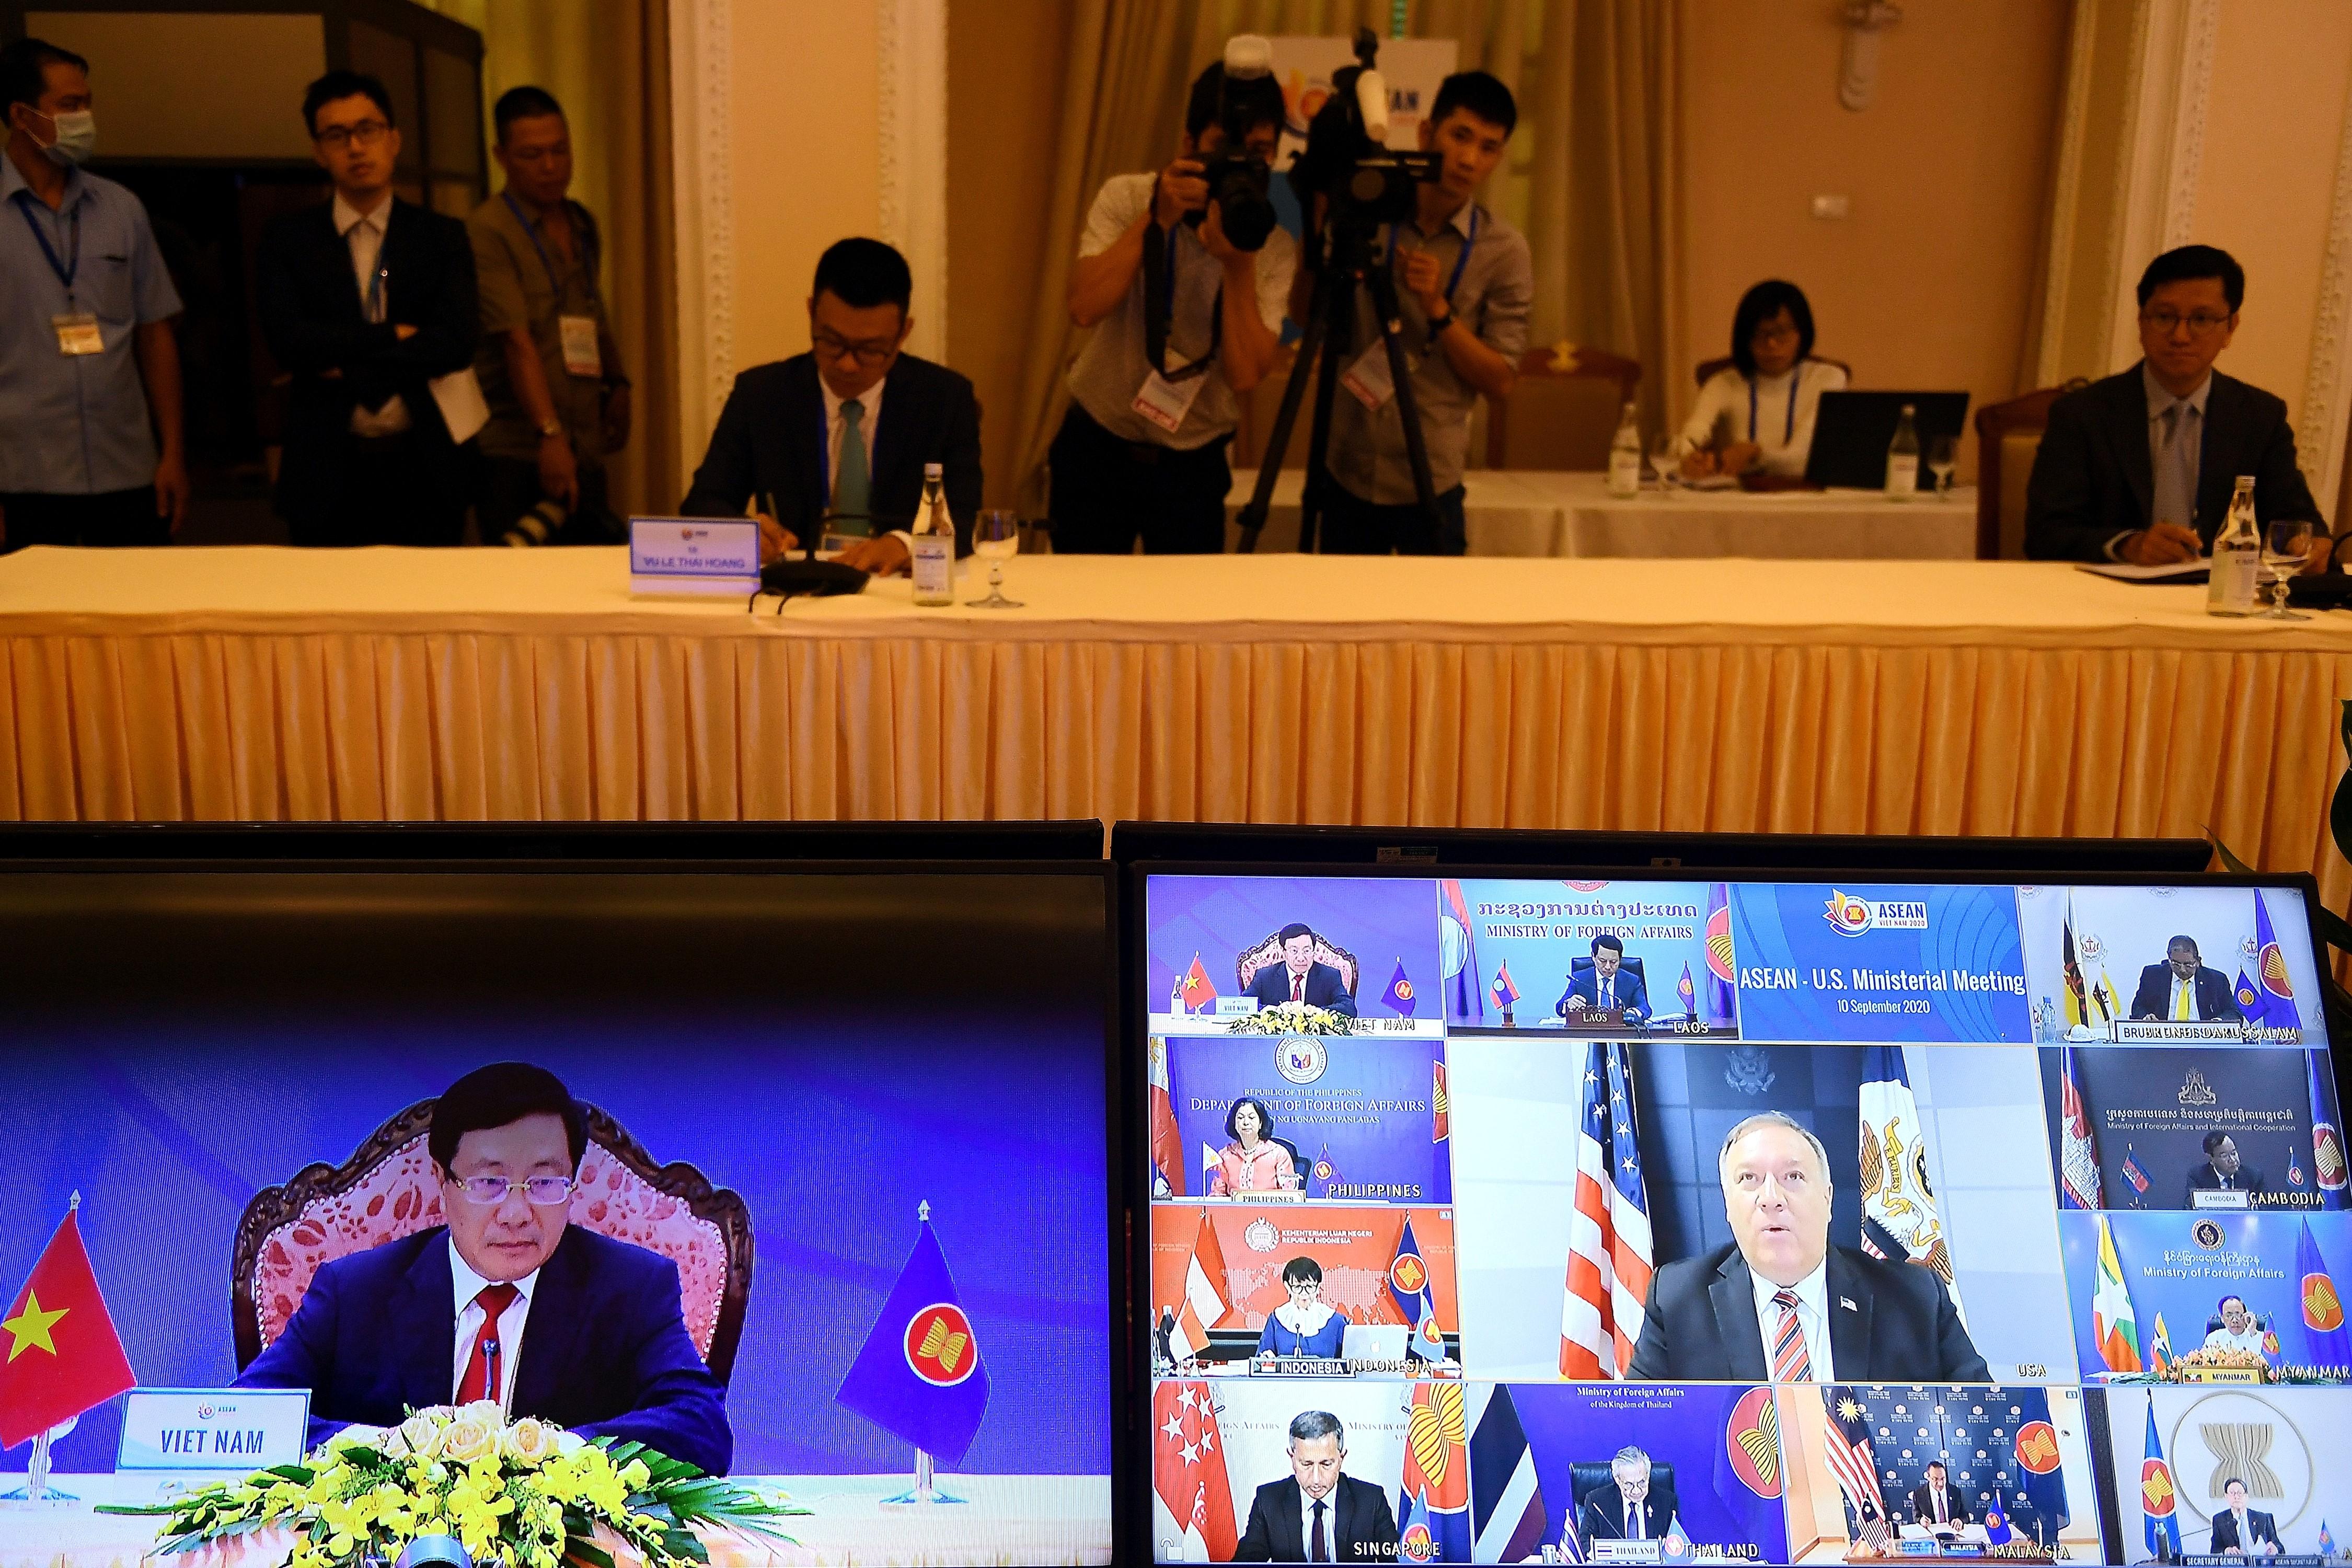 楊威:中美外交戰頻繁爭奪 勝負已明